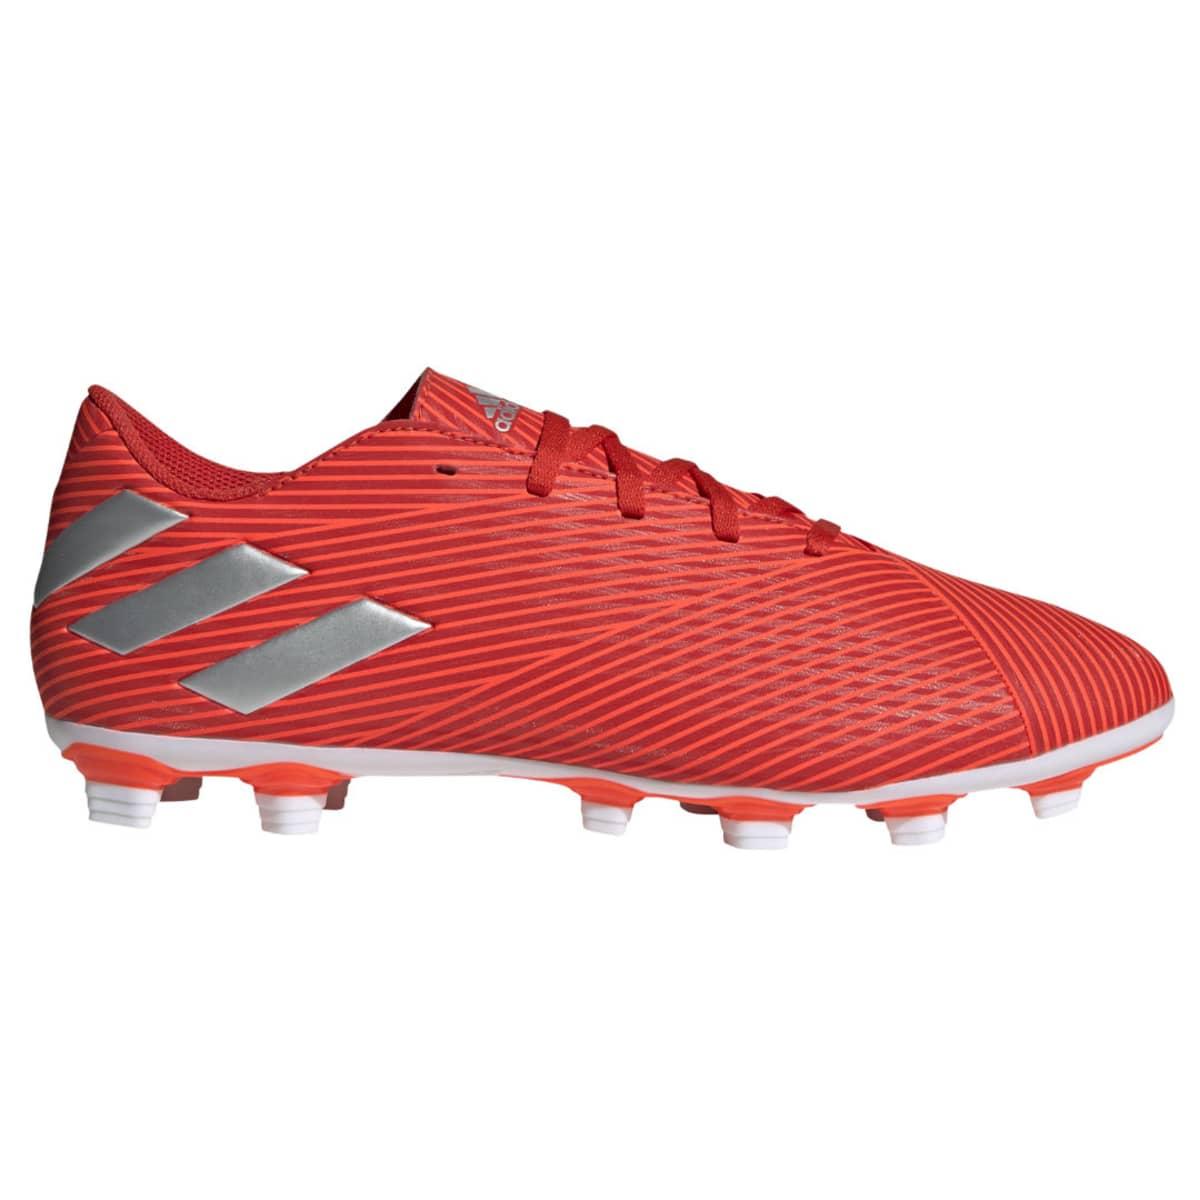 c1121d4334c03 Soccer | Boots | Sportsmans Warehouse